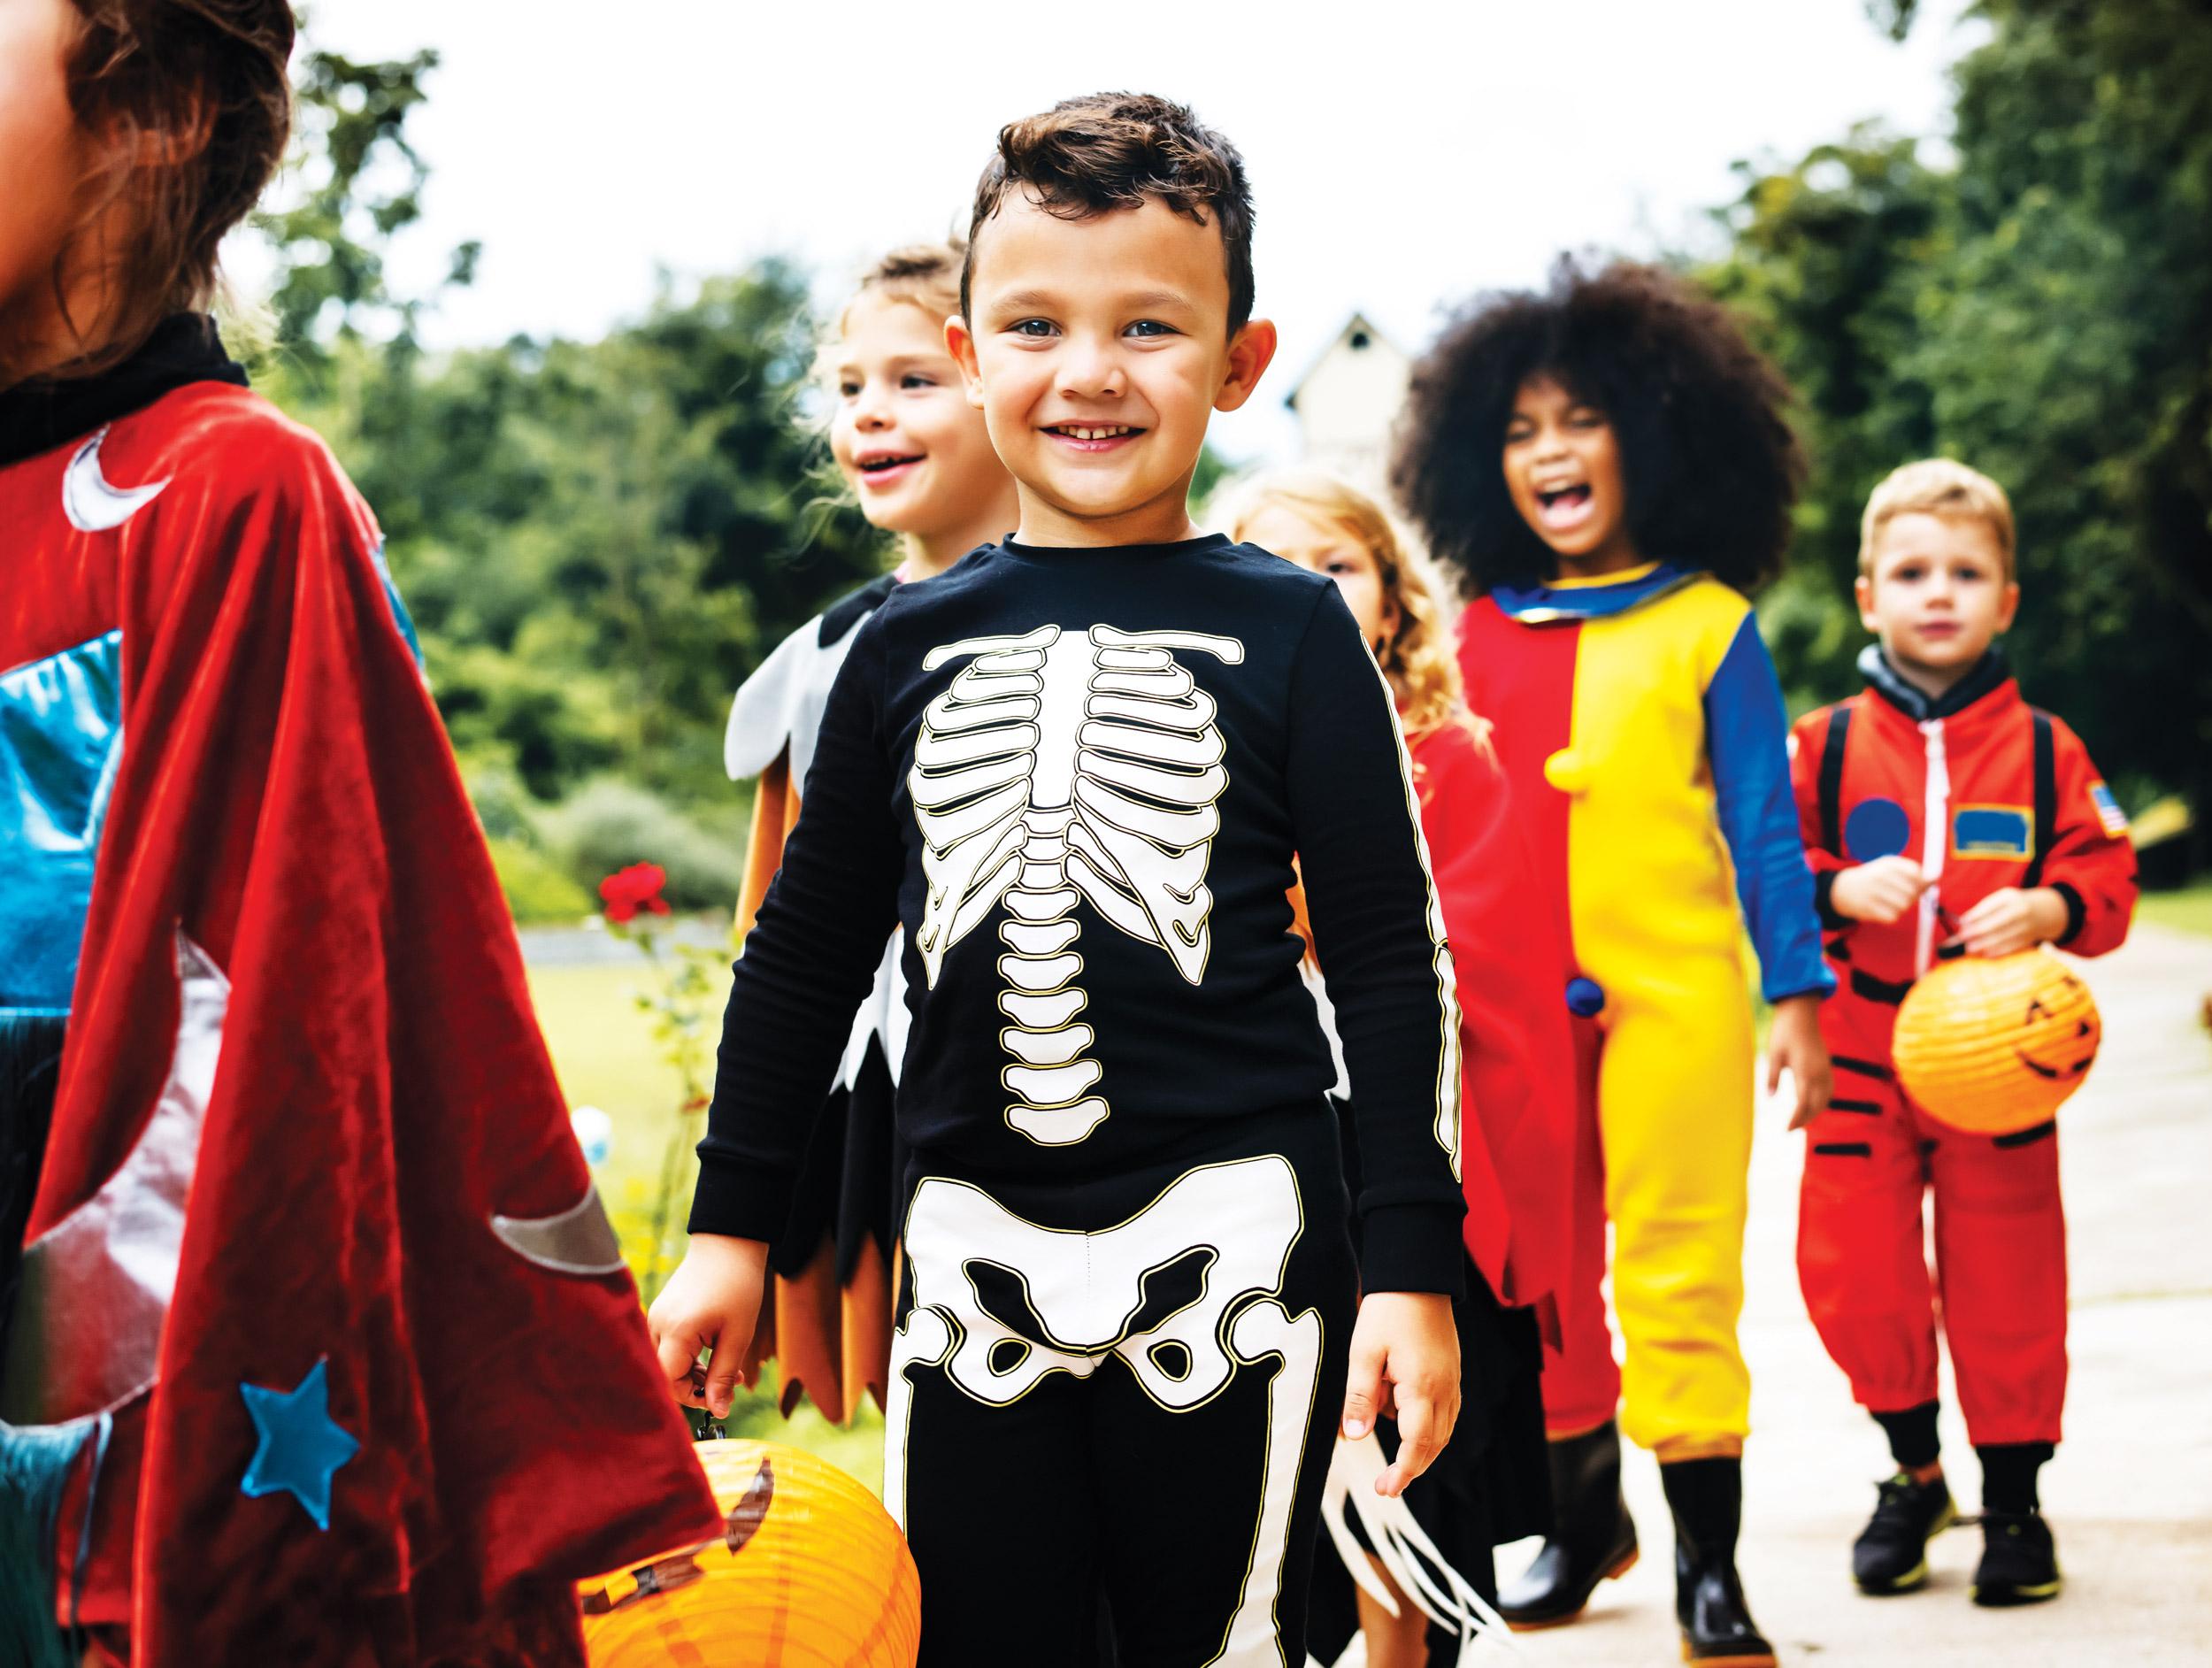 Halloween dress-up